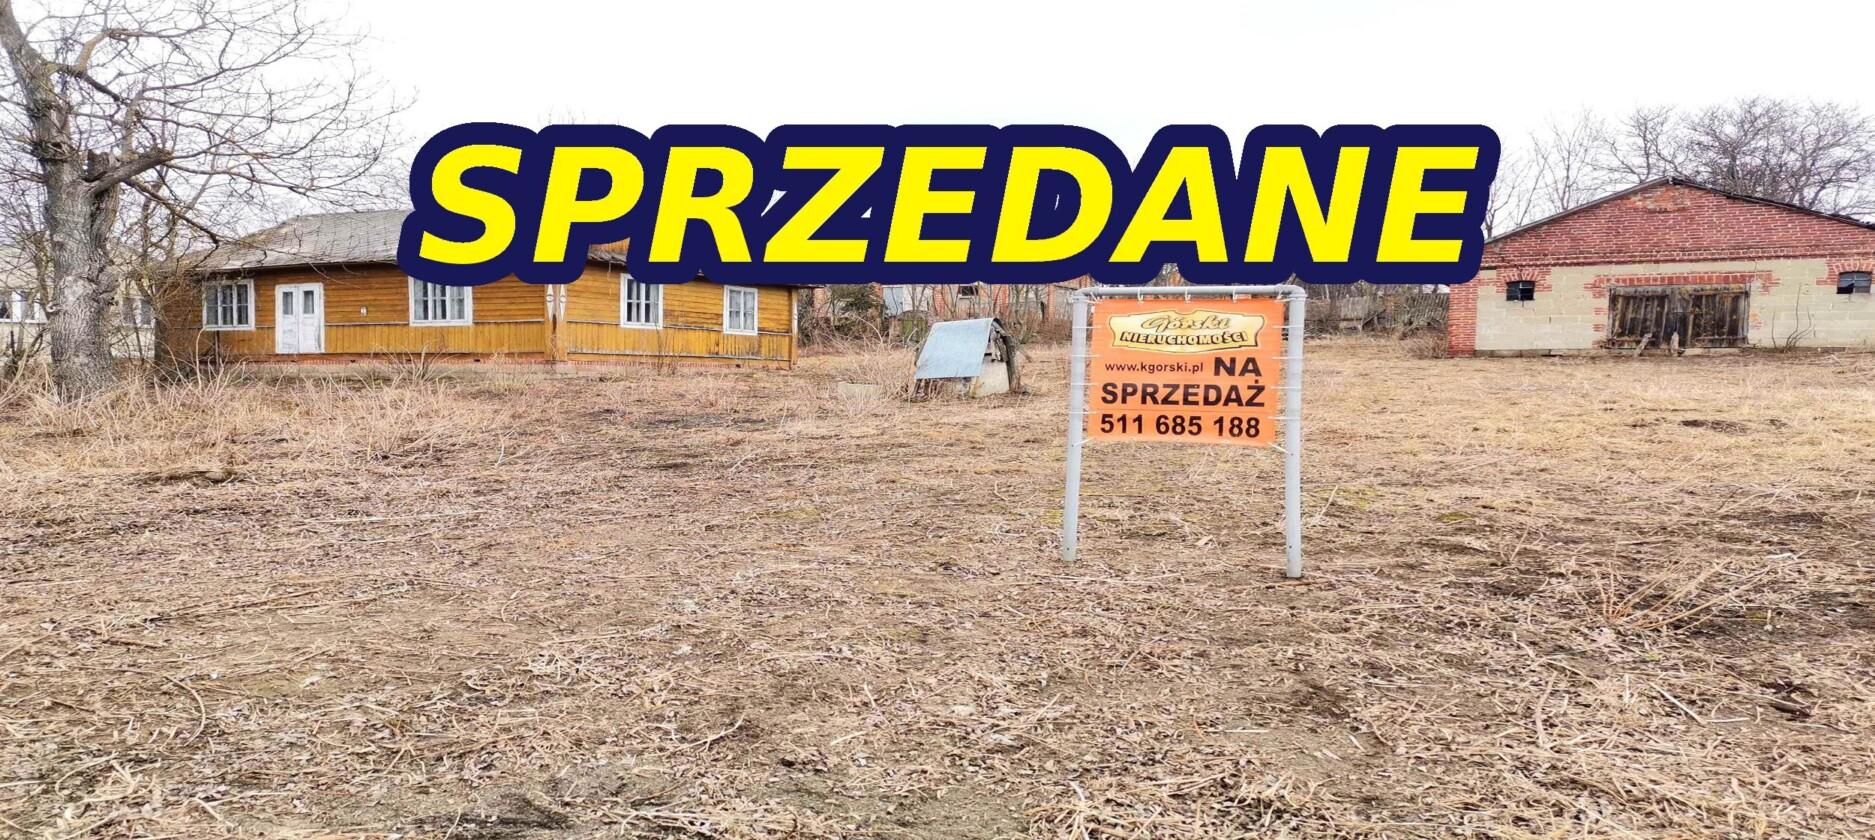 ŁUBCZE SPRZEDANE - Nieruchomości Krzysztof Górski Zamość, biuro nieruchomości, domy, mieszkania, działki, lokale, sprzedaż nieruchomości, wynajem nieruchomości